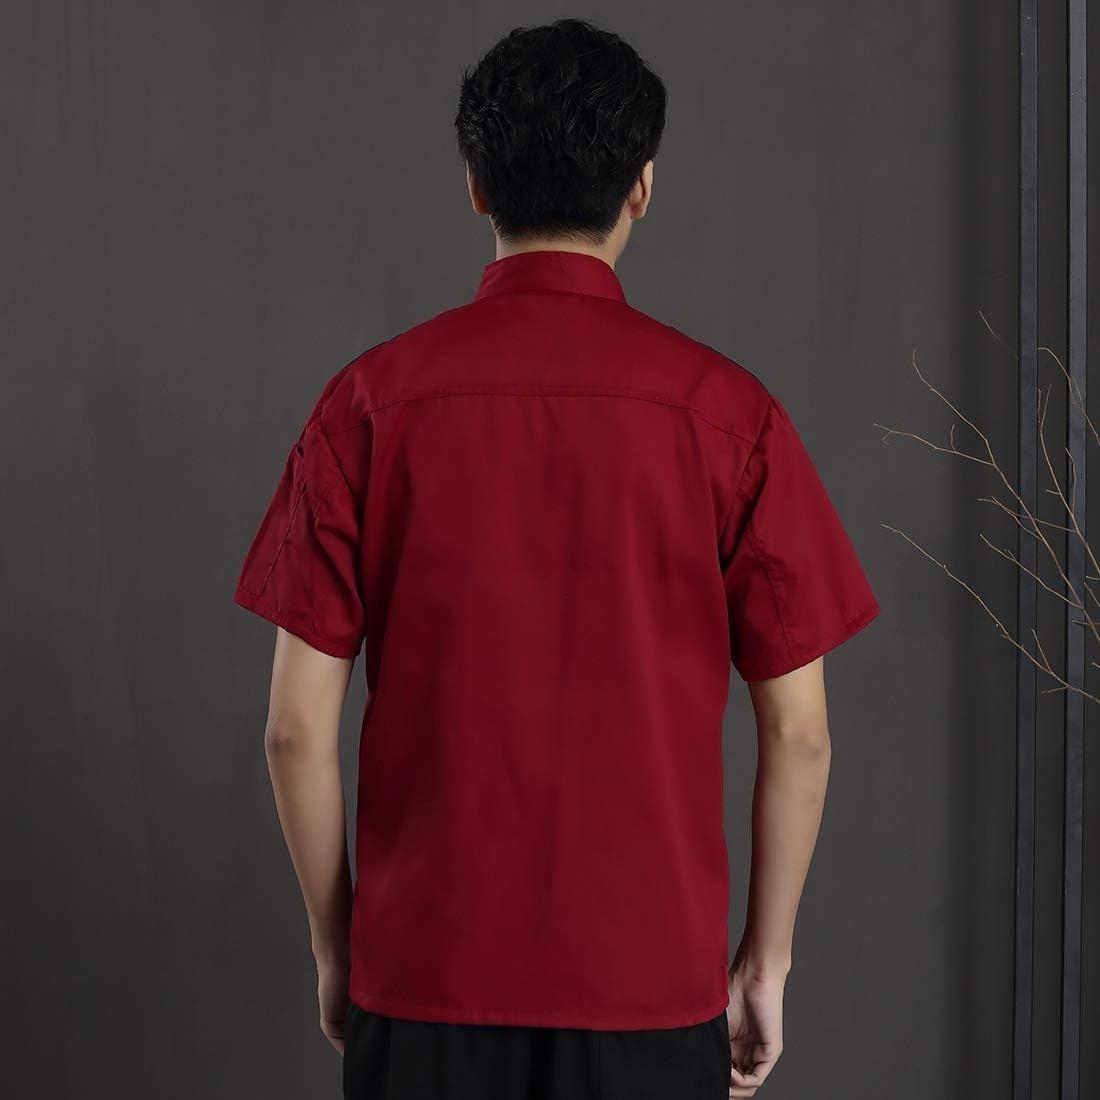 Jiyaru Veste de Cuisine avec Poche Blouse /à Manches Courtes Veste de Chef Cuisinier Unisexe Universelle Manteau Uniforme pour H/ôtel Restaurants Caf/és Boulangerie Rouge Taille Asiatique 2XL